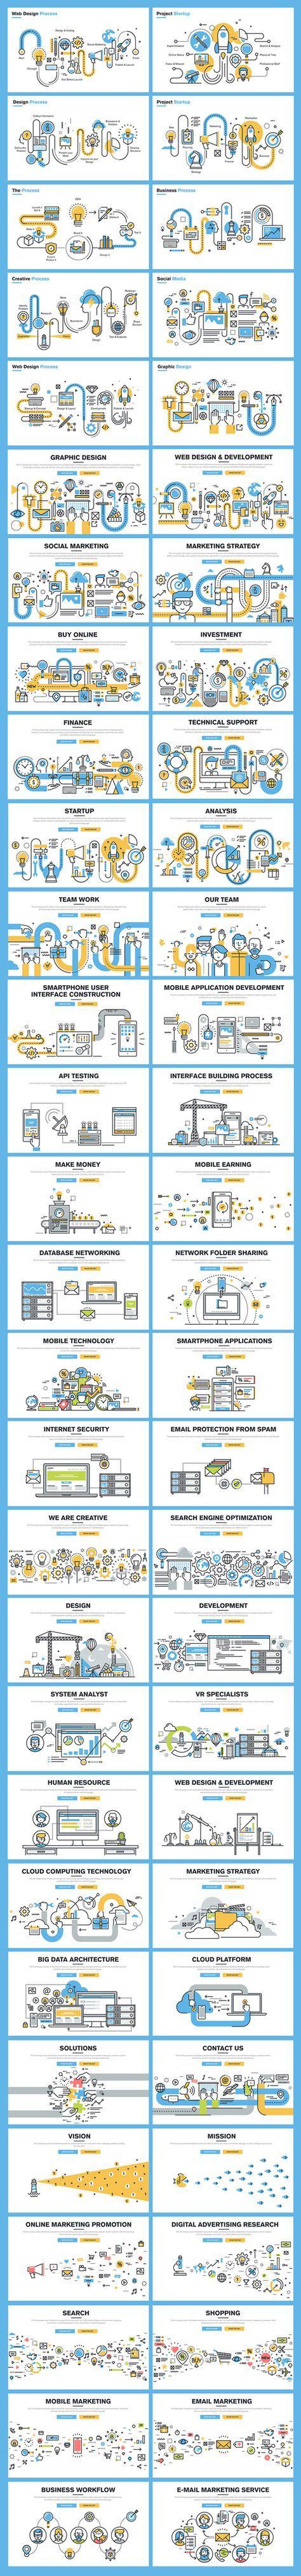 process maps images process map process flow